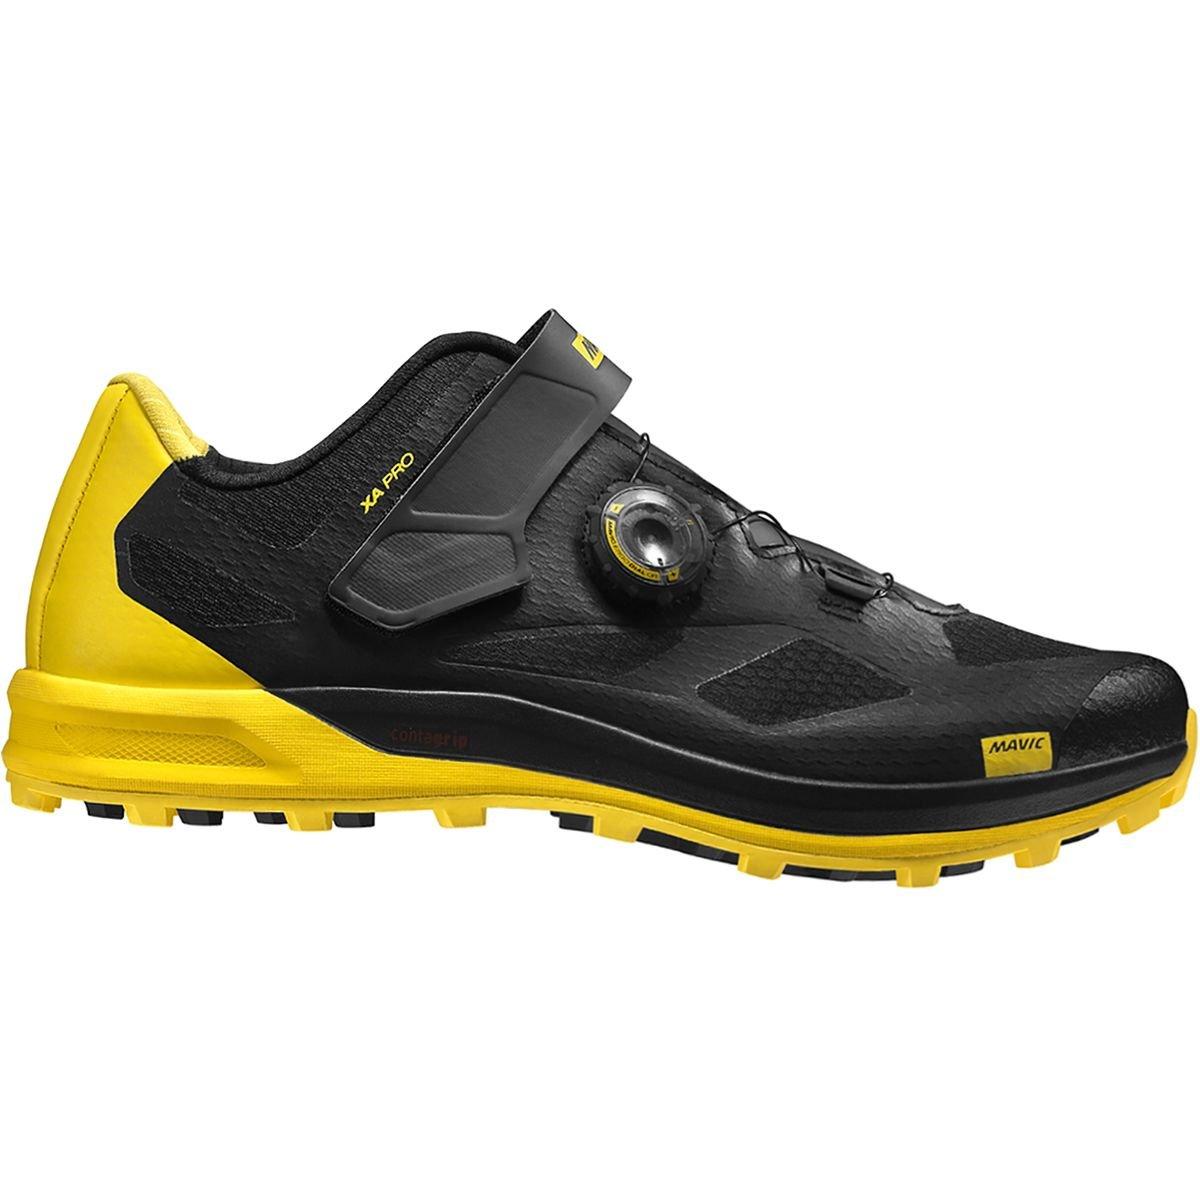 [マヴィック] XA PRO (クロスアドベンチャー プロ) L40031200 B078S176J8 US 13.5/UK 13.0|Black/Black/Yellow Mavic Black/Black/Yellow Mavic US 13.5/UK 13.0